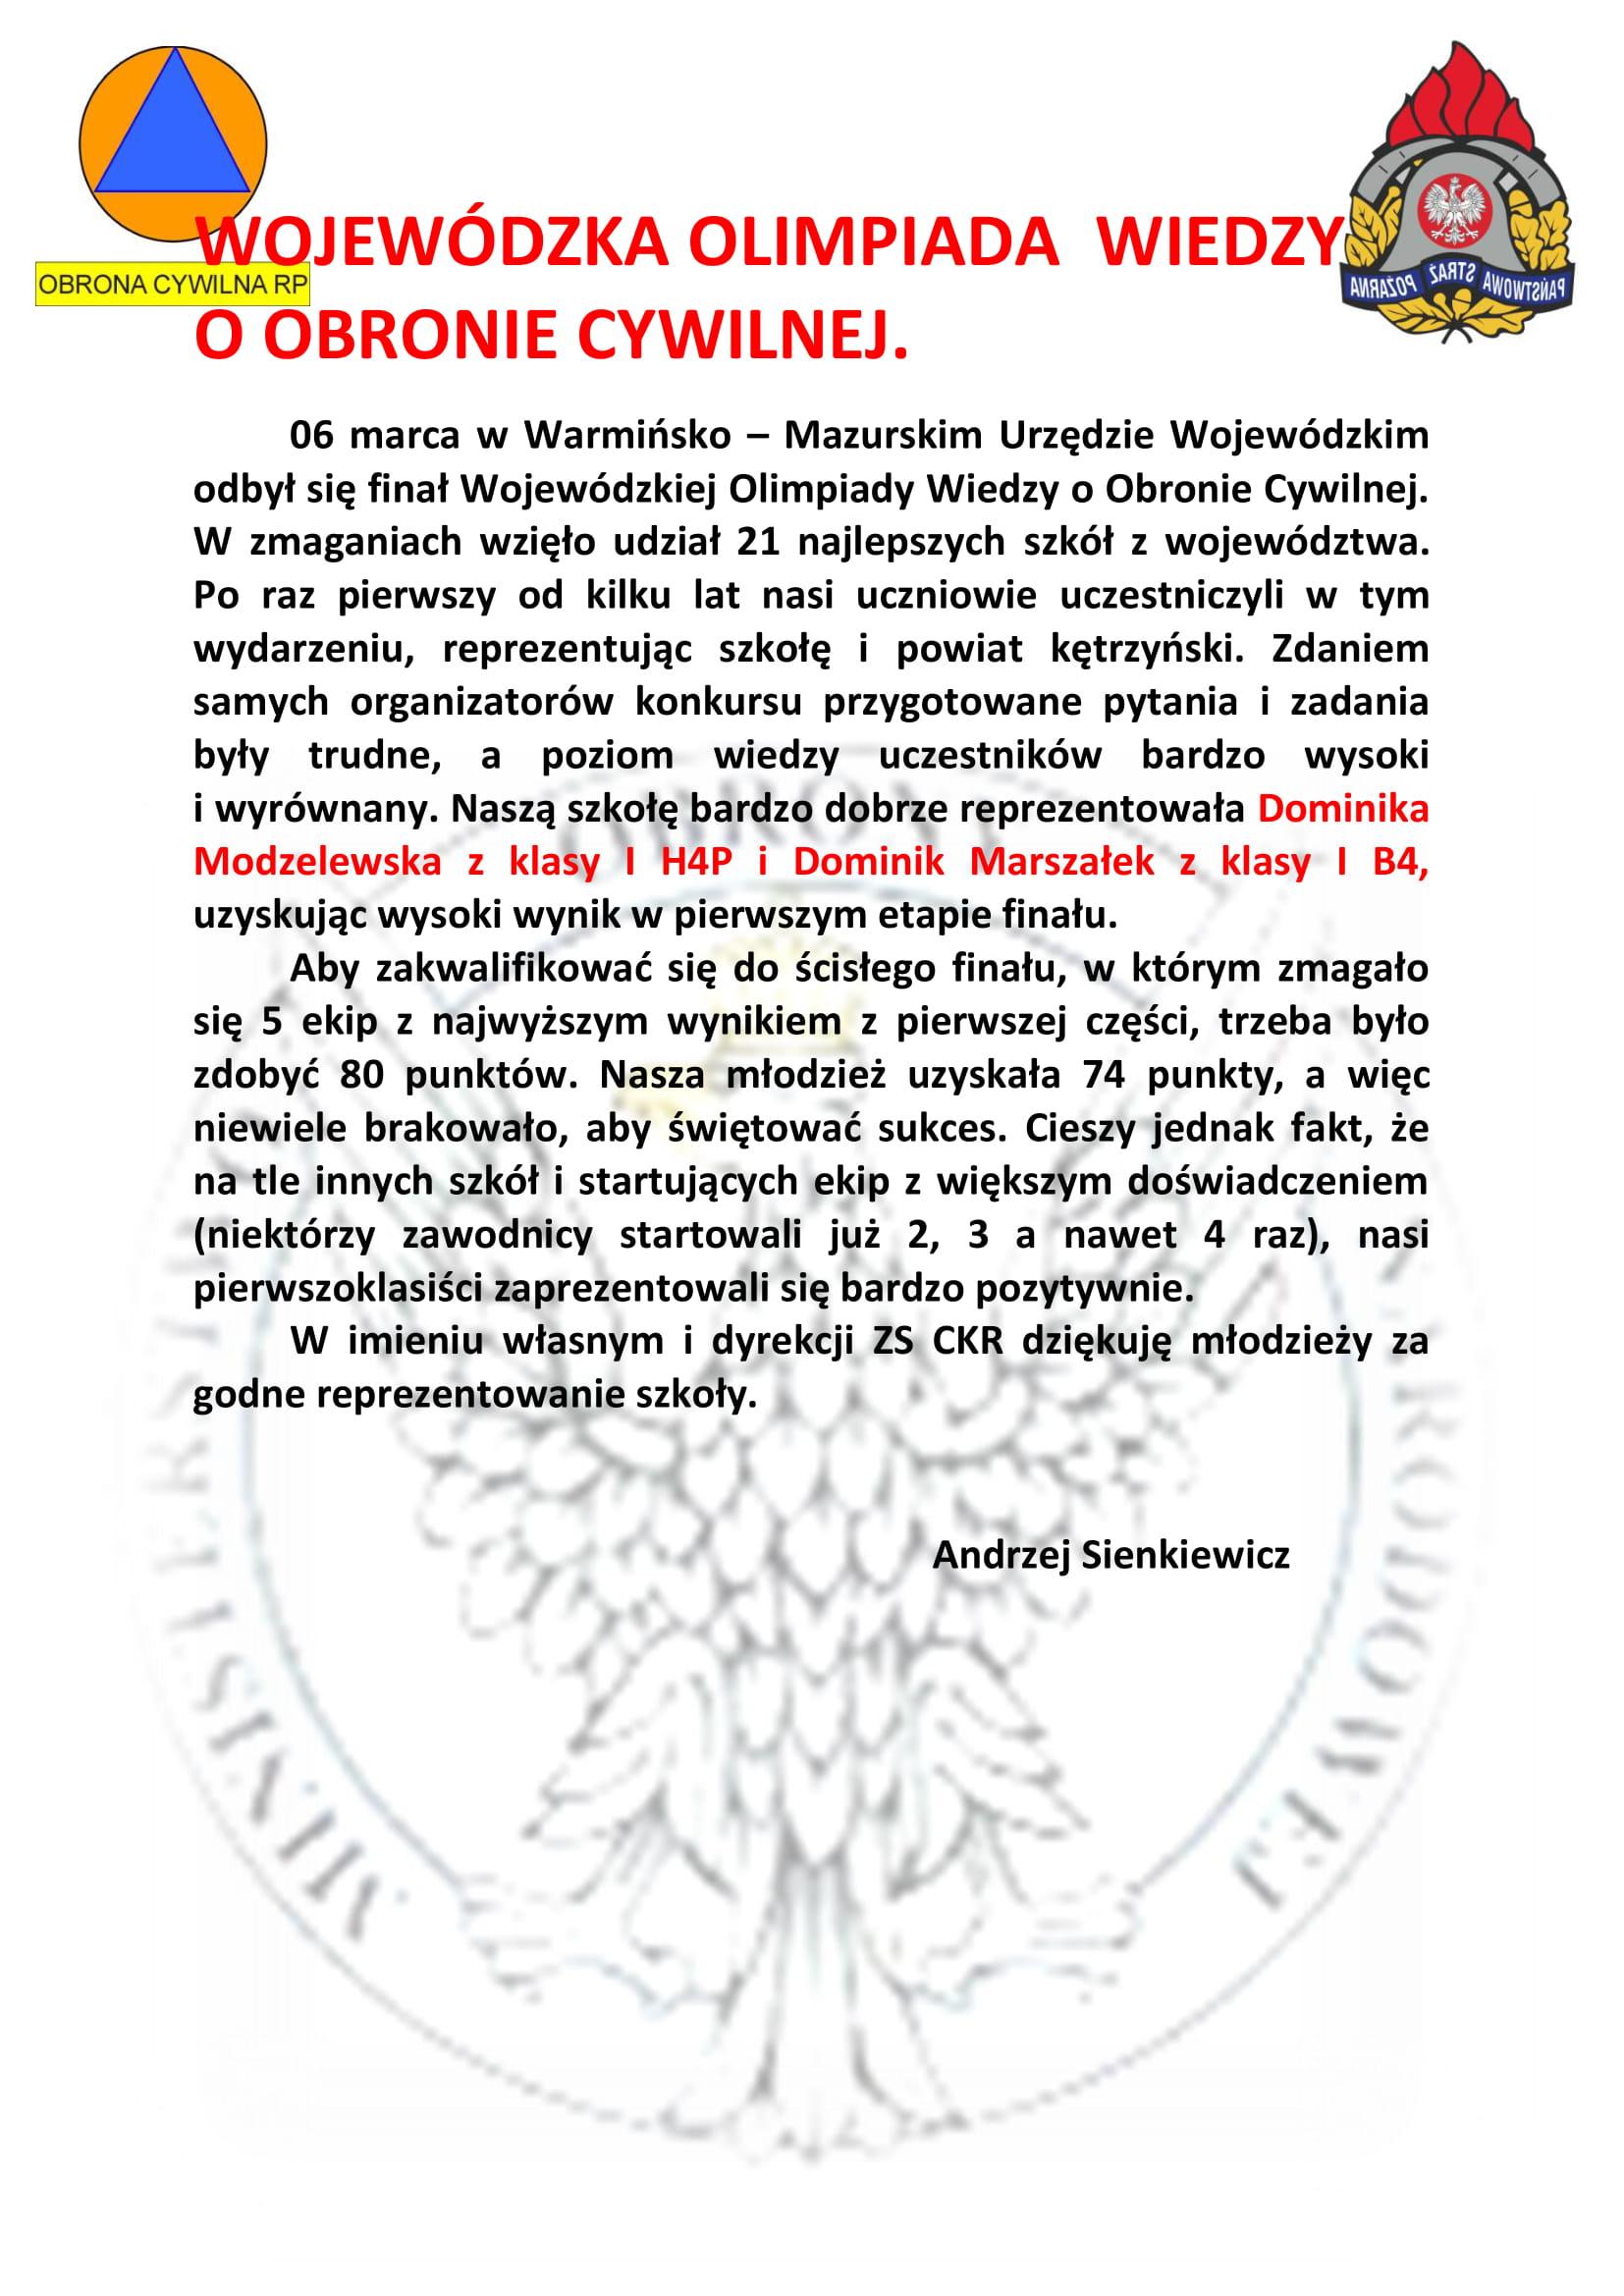 WOJEWÓDZKA-OLIMPIADA-WIEDZY-O-OBRONIE-CYWILNEJ-1.jpg